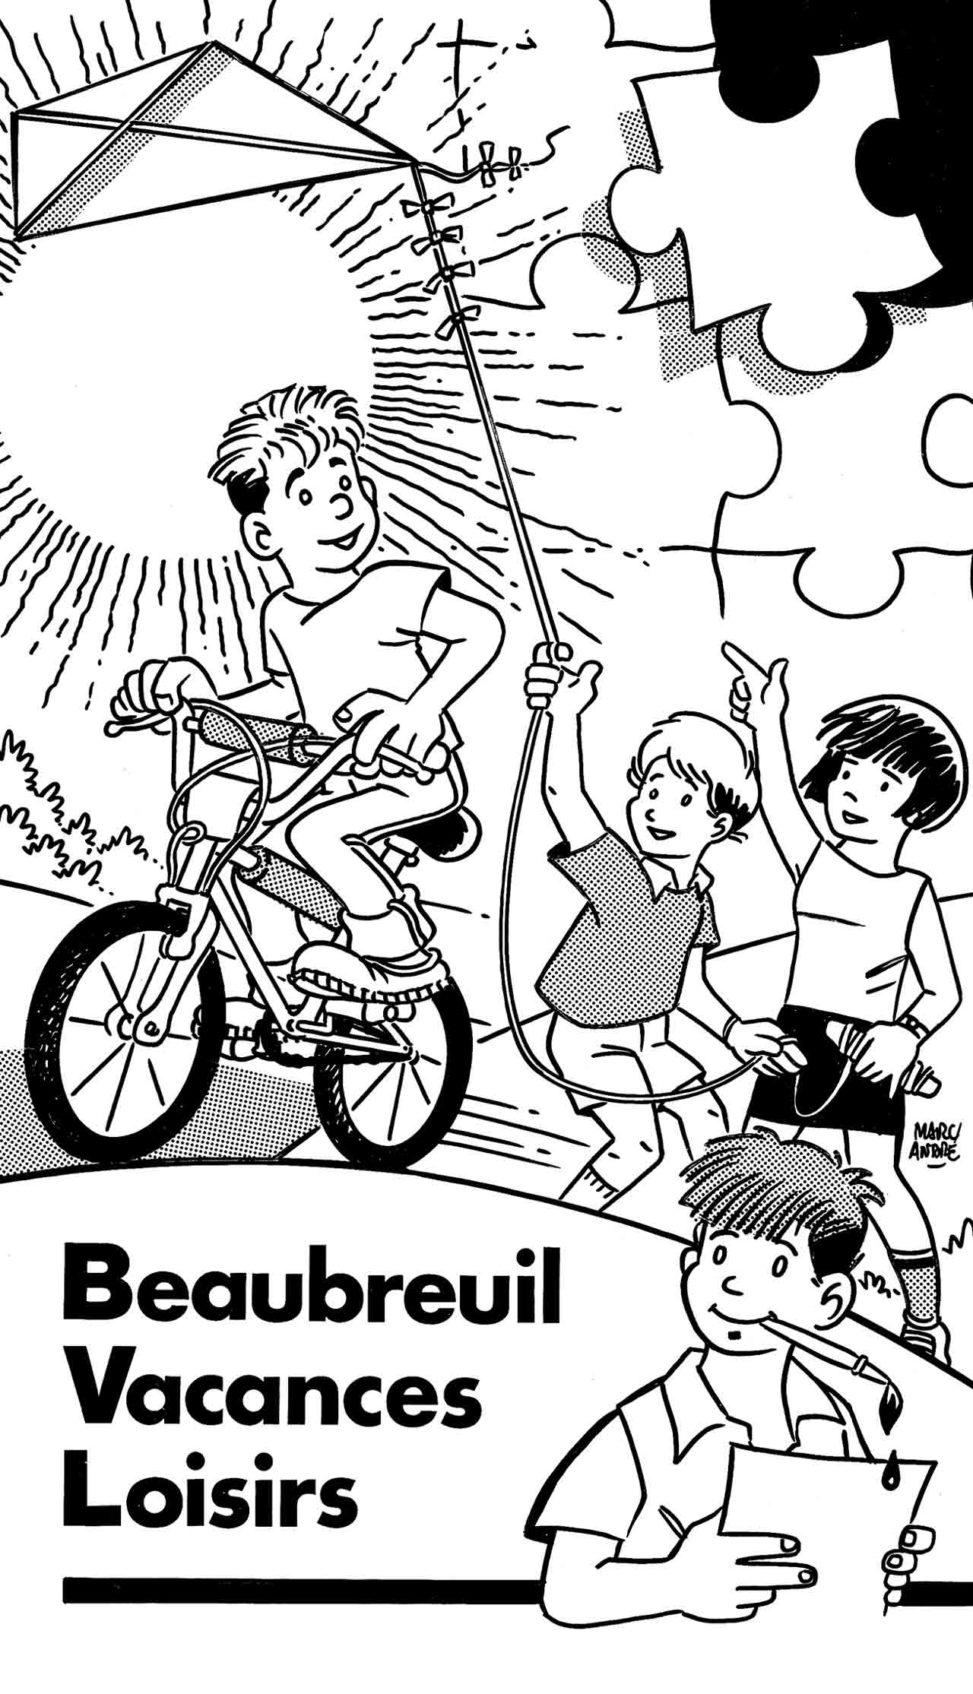 Beaubreuil-Vacances-Loisirs-BVL-1990-1er-volet-du-dépliant- Marc-André